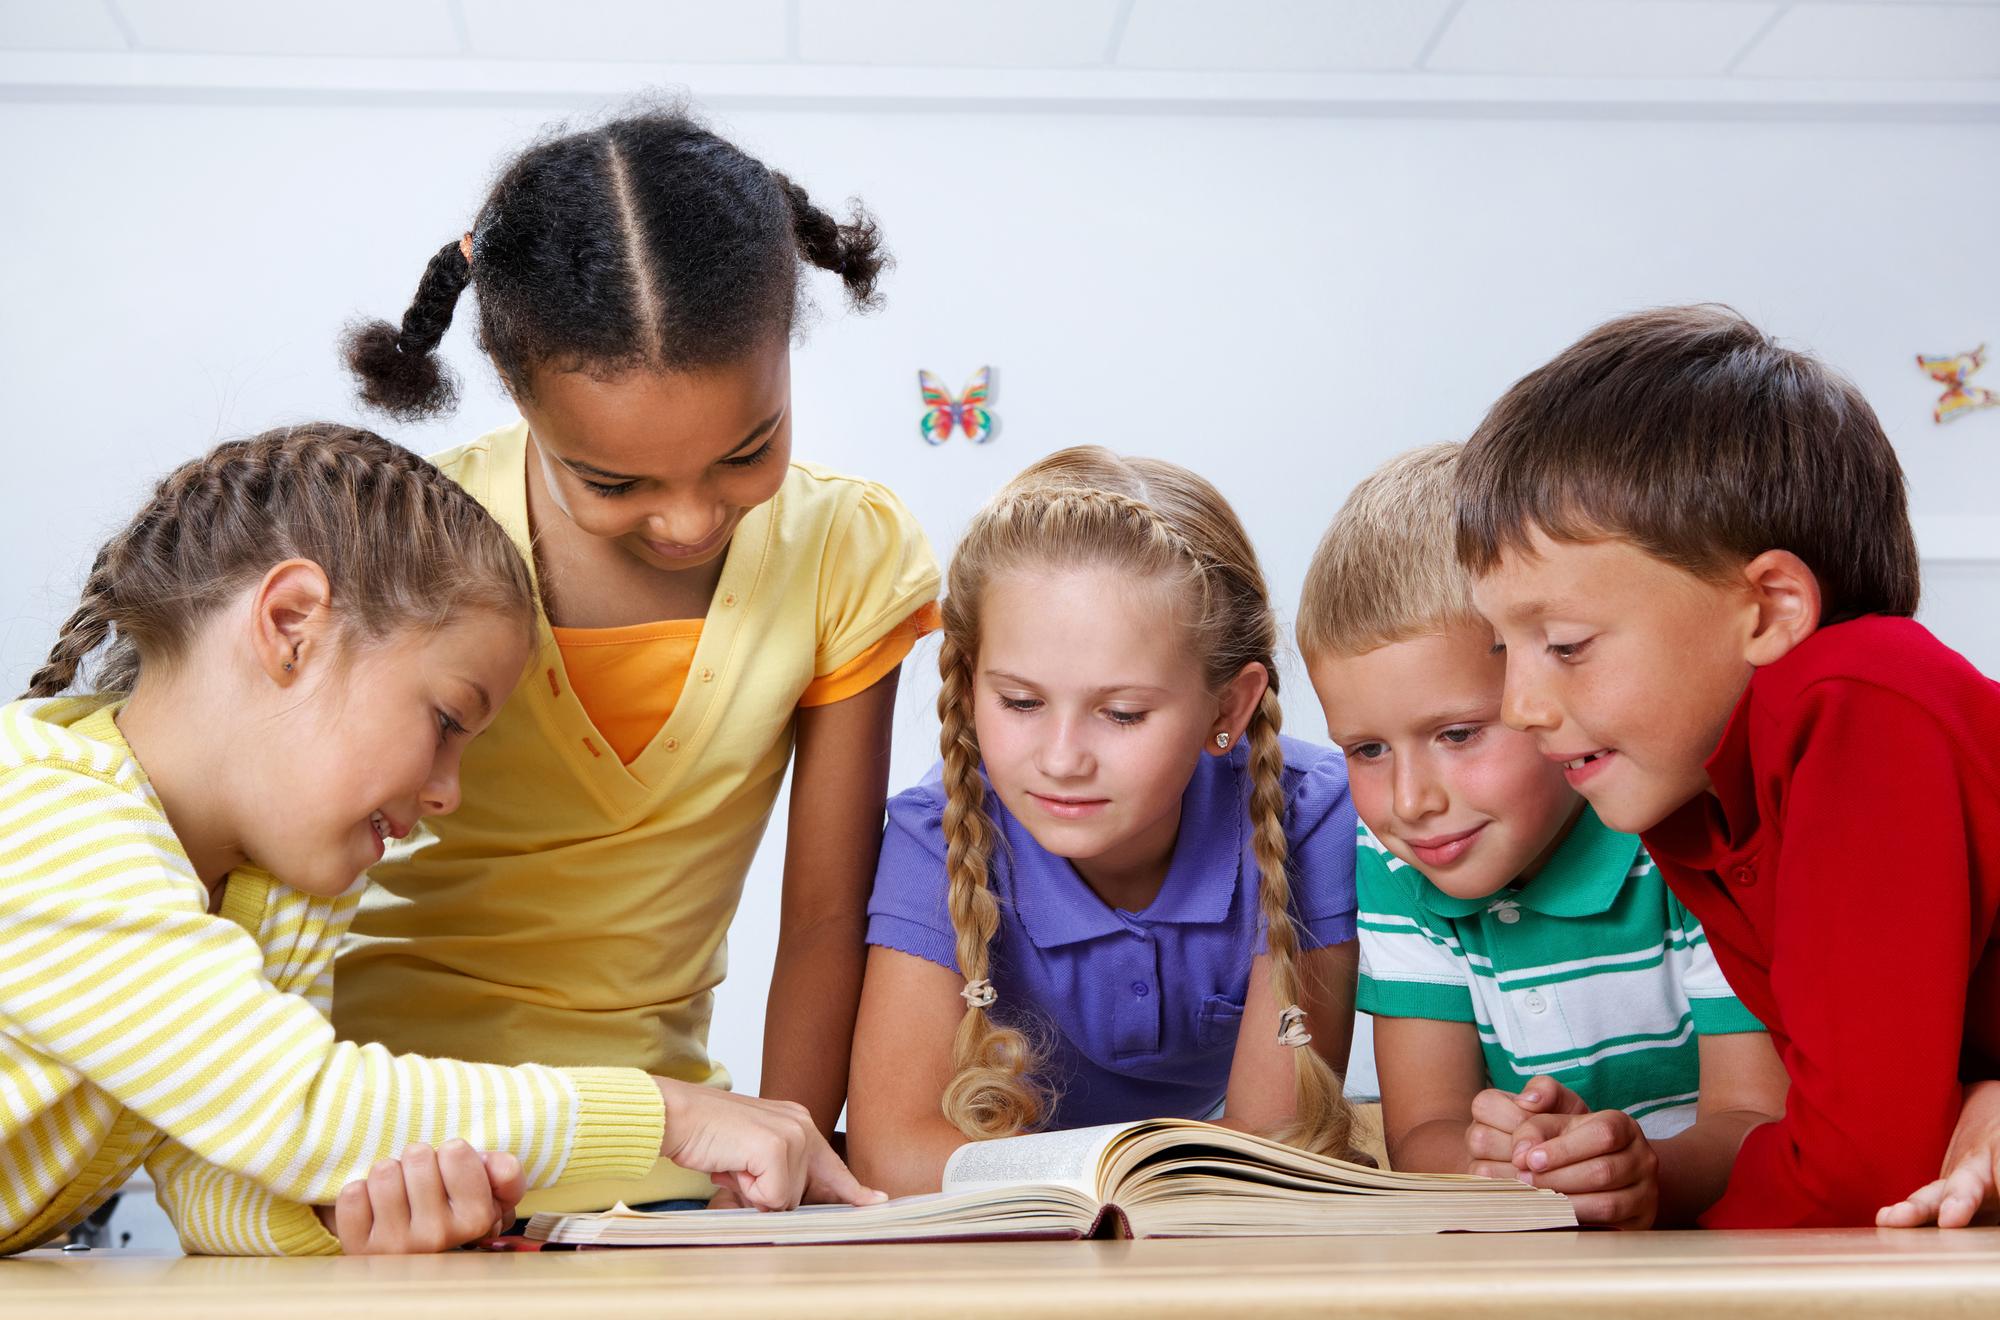 картинки разговаривающих учеников конкурсы поднимают настроение